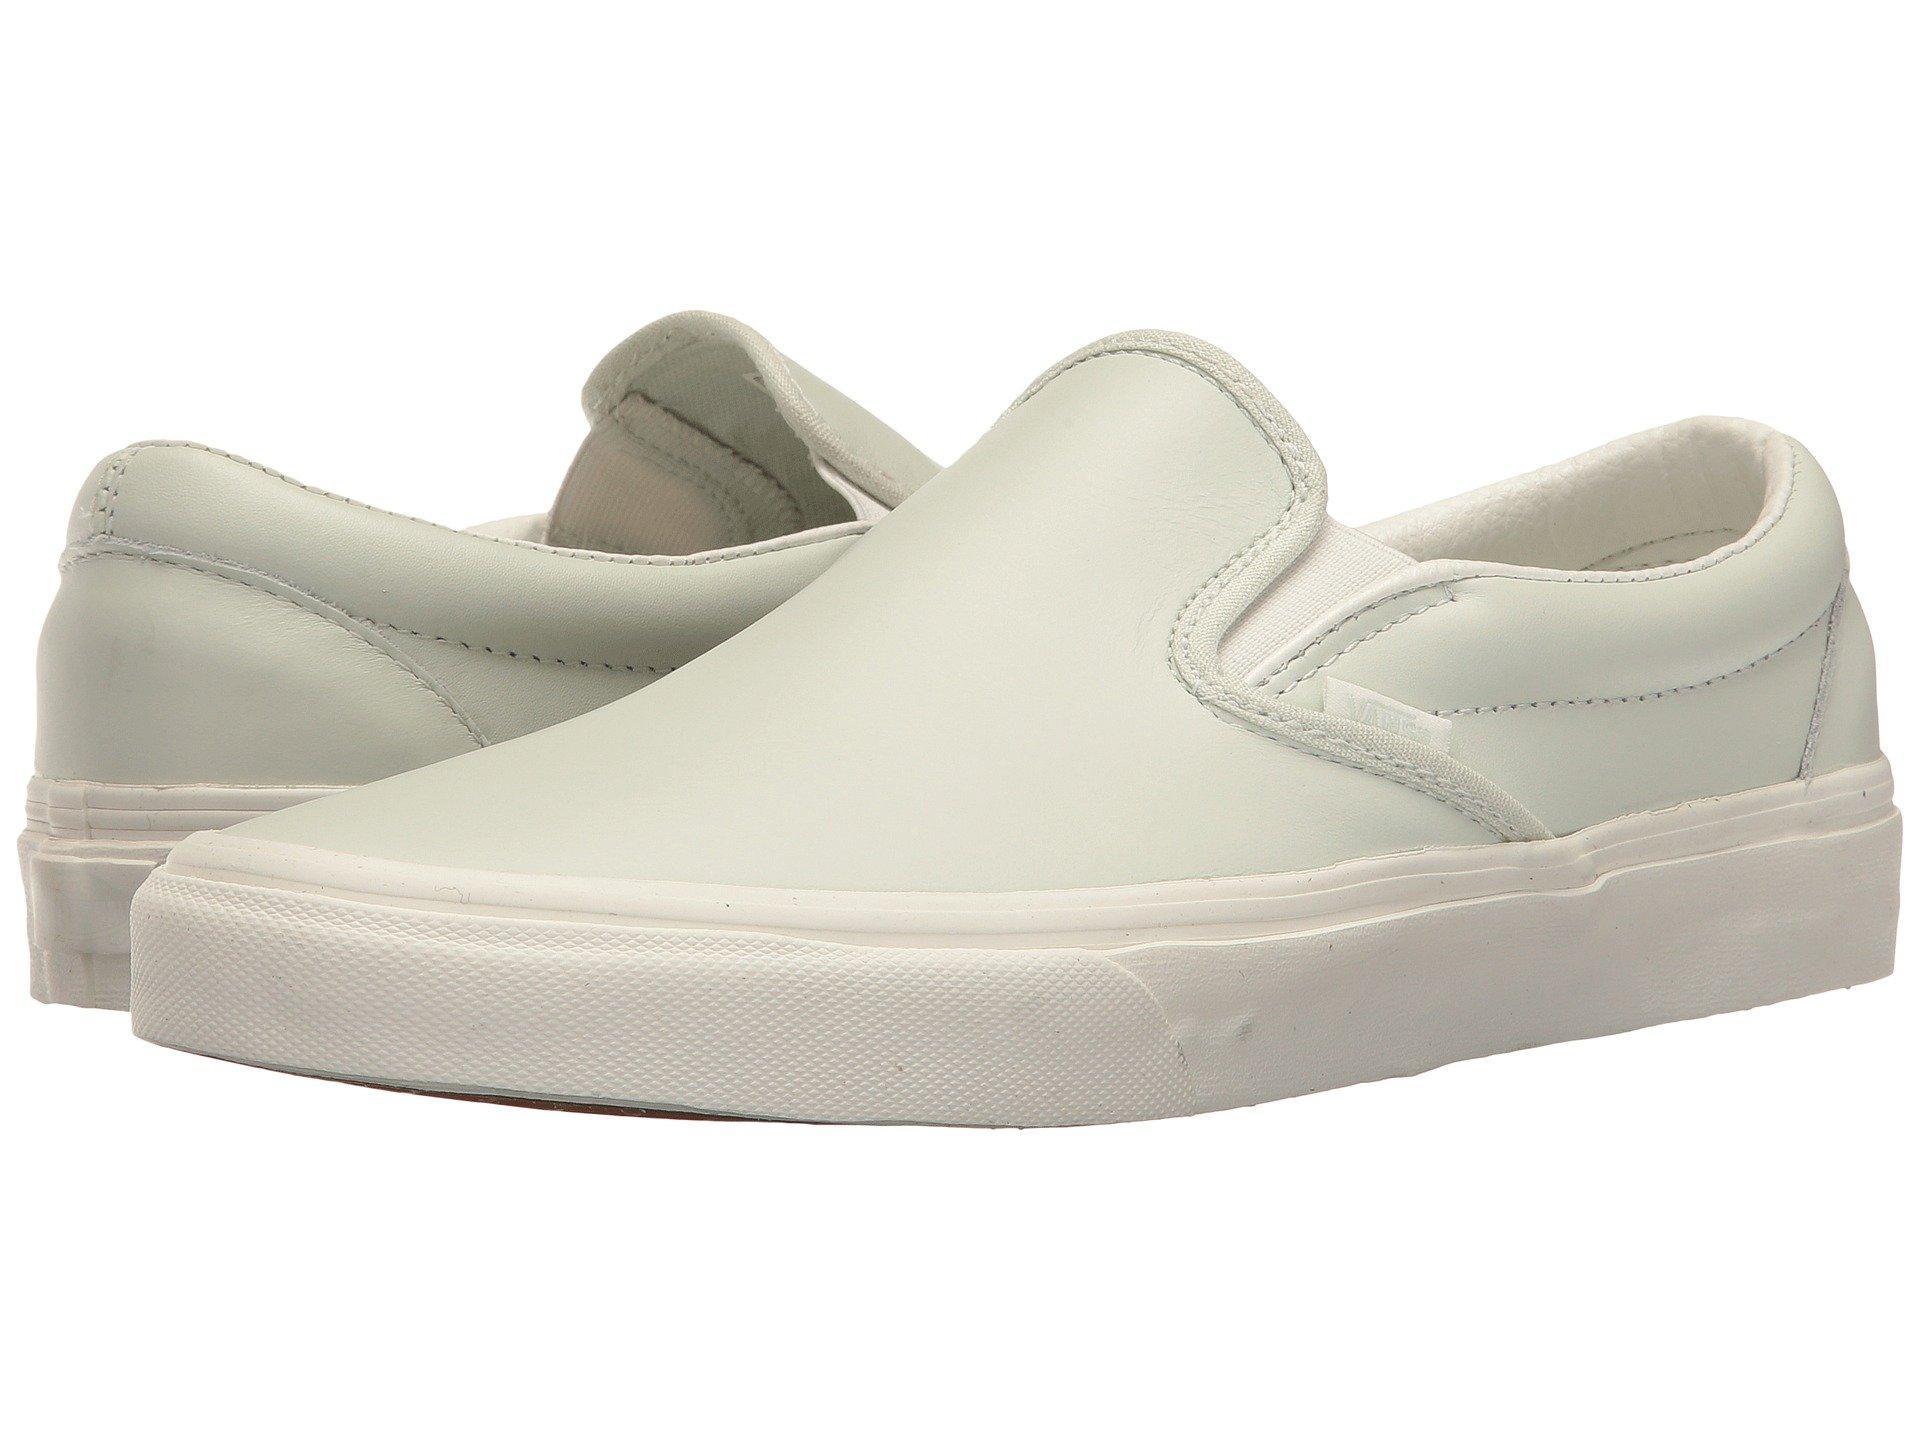 3d2de933ec Vans Classic Slip-On™ In (Leather) Zephyr Blue Blanc De Blanc